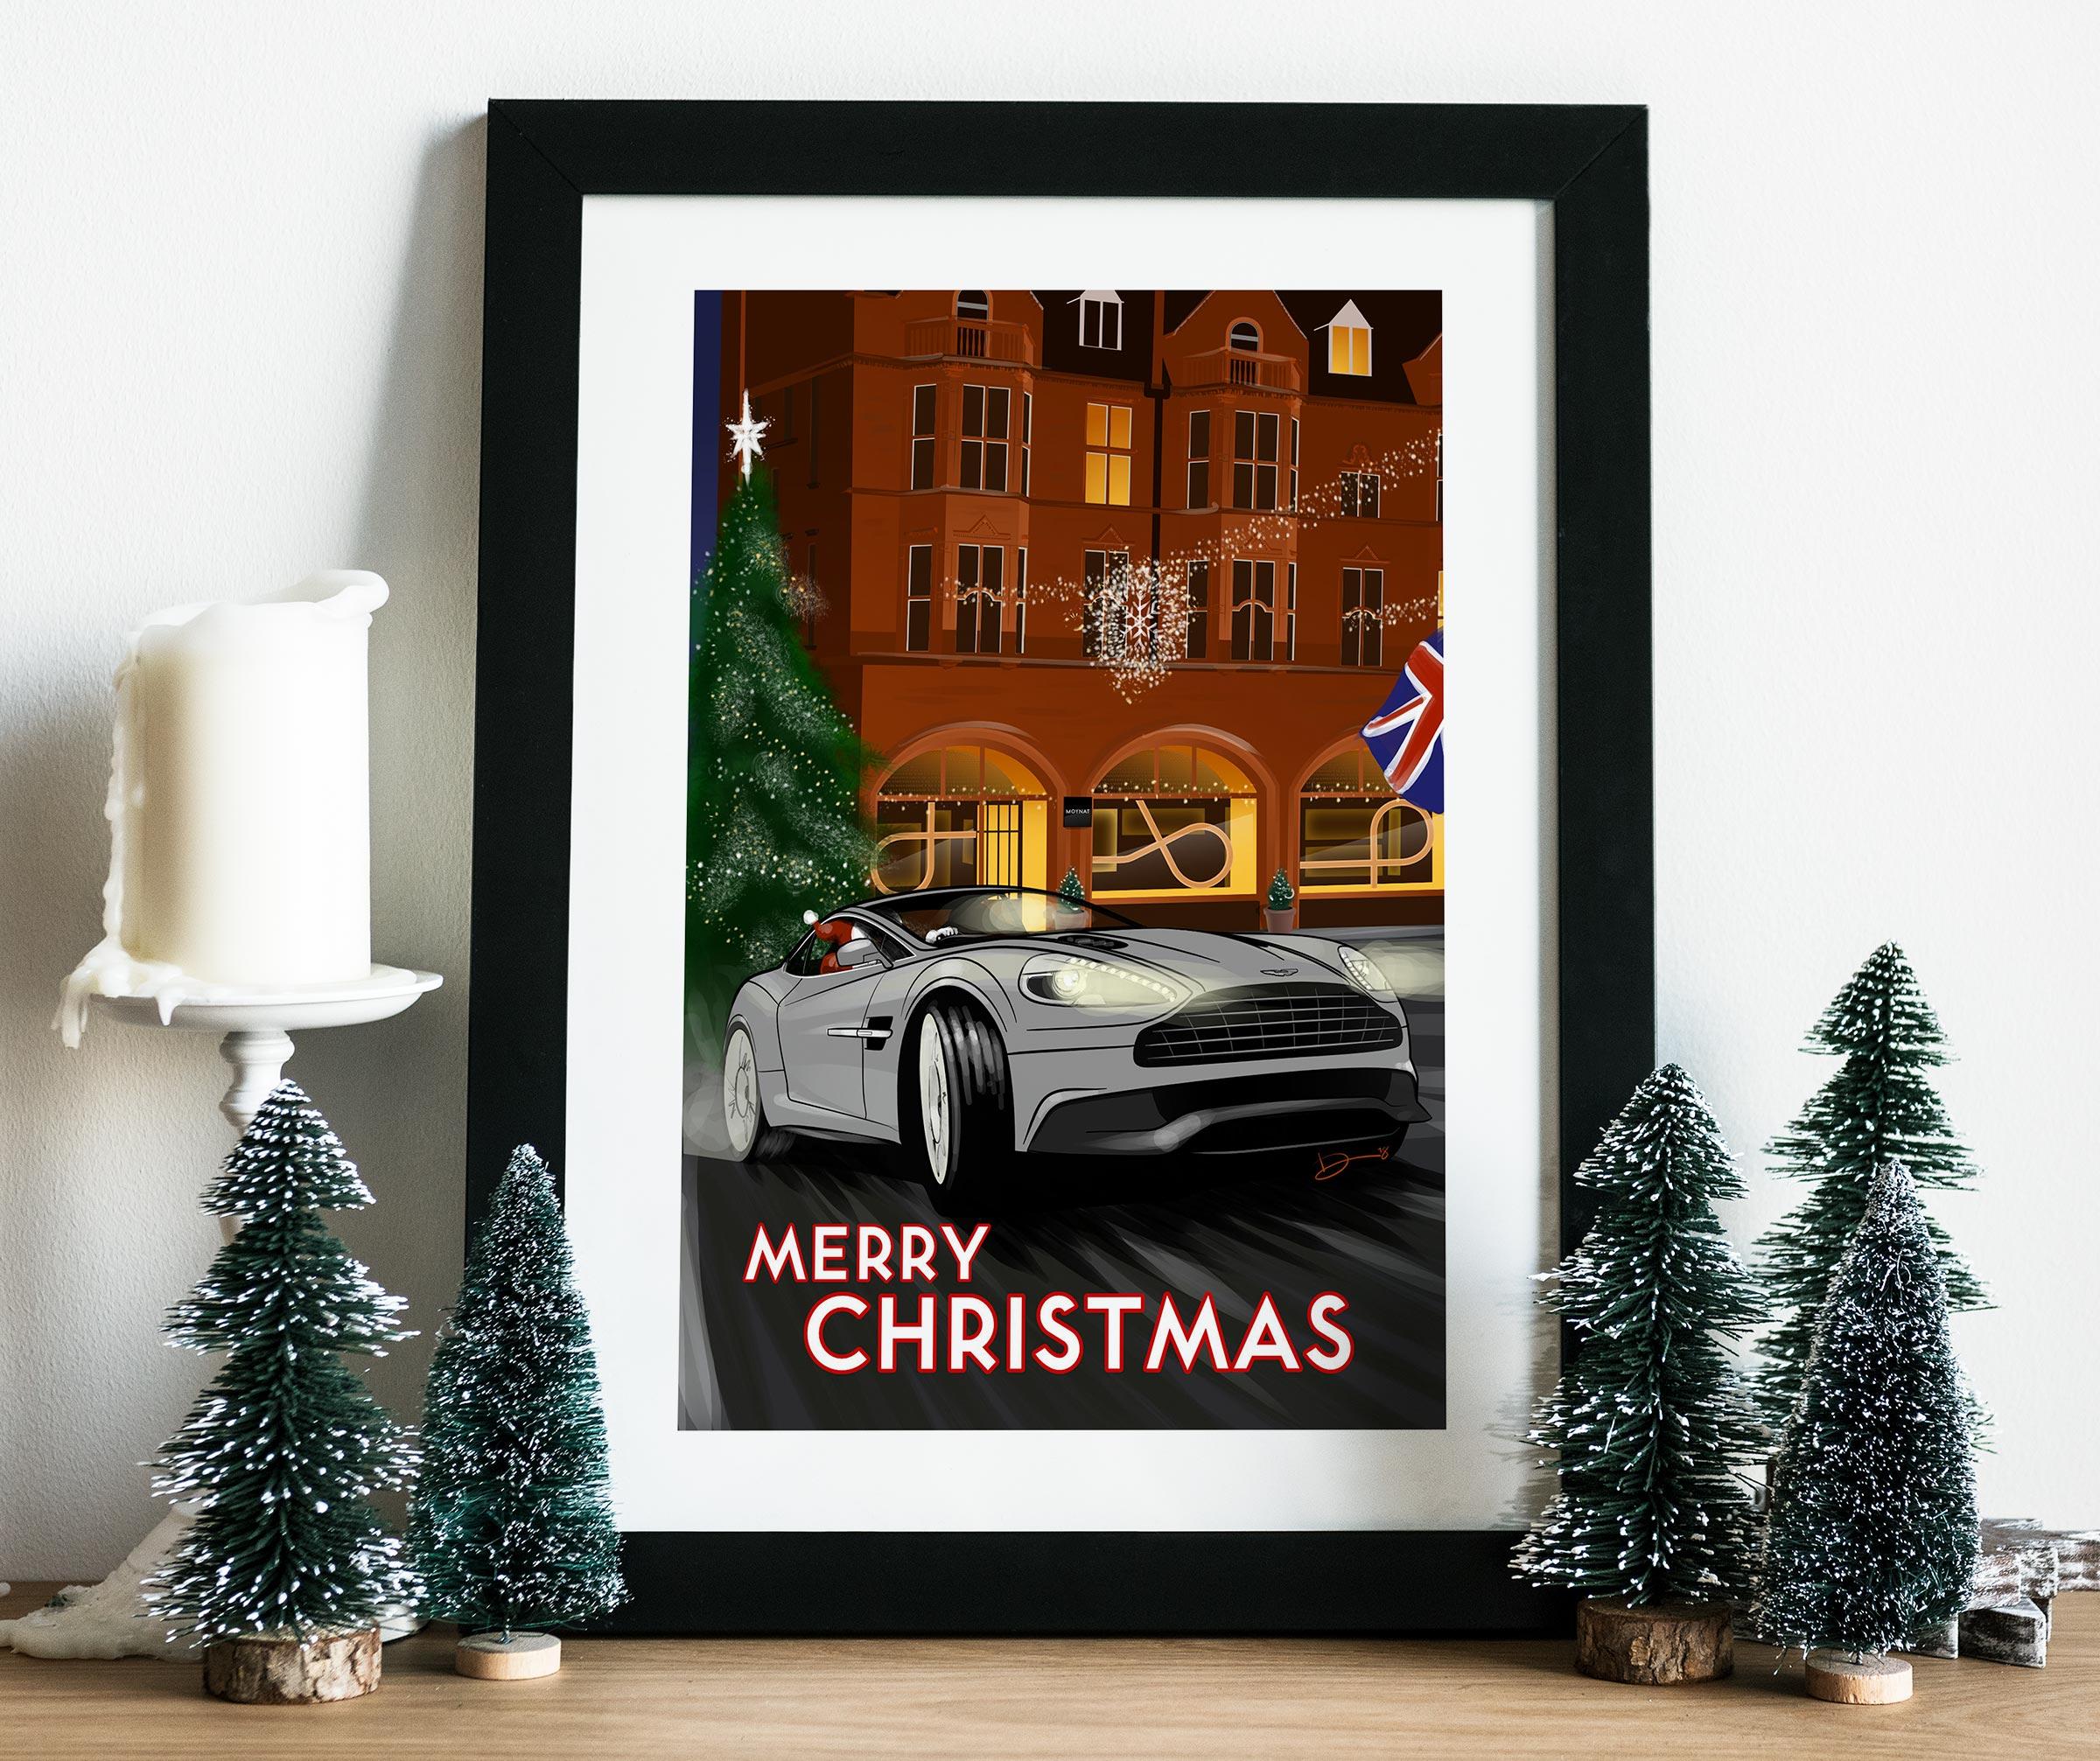 2018 Christmas Poster mockup